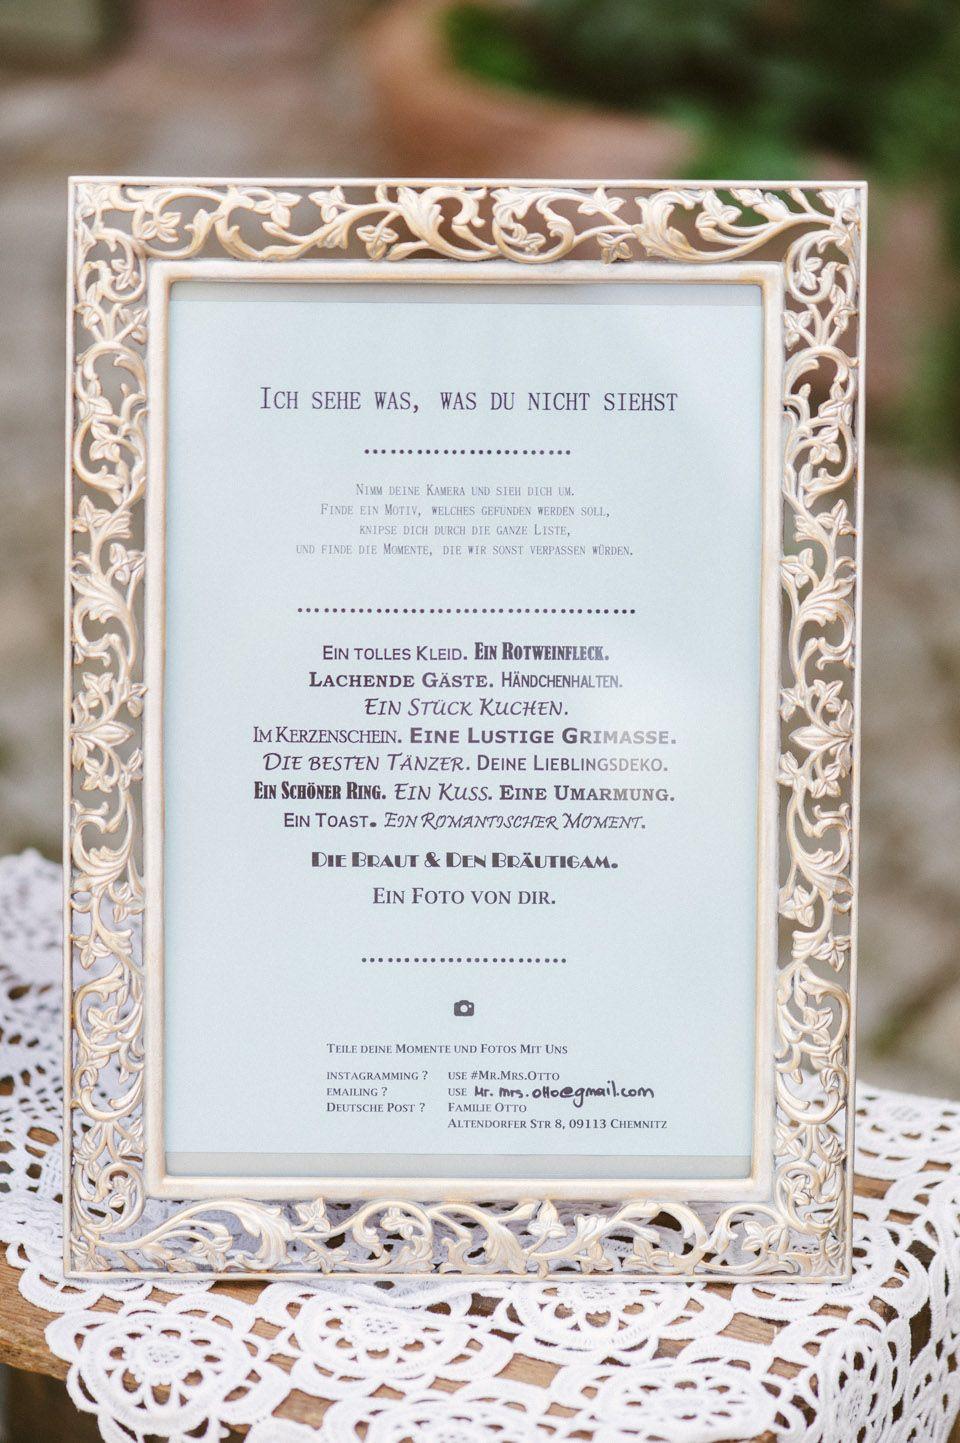 Notfallkörbchen Hochzeit Spruch  Sehr schöne umsetzung poster in 2019